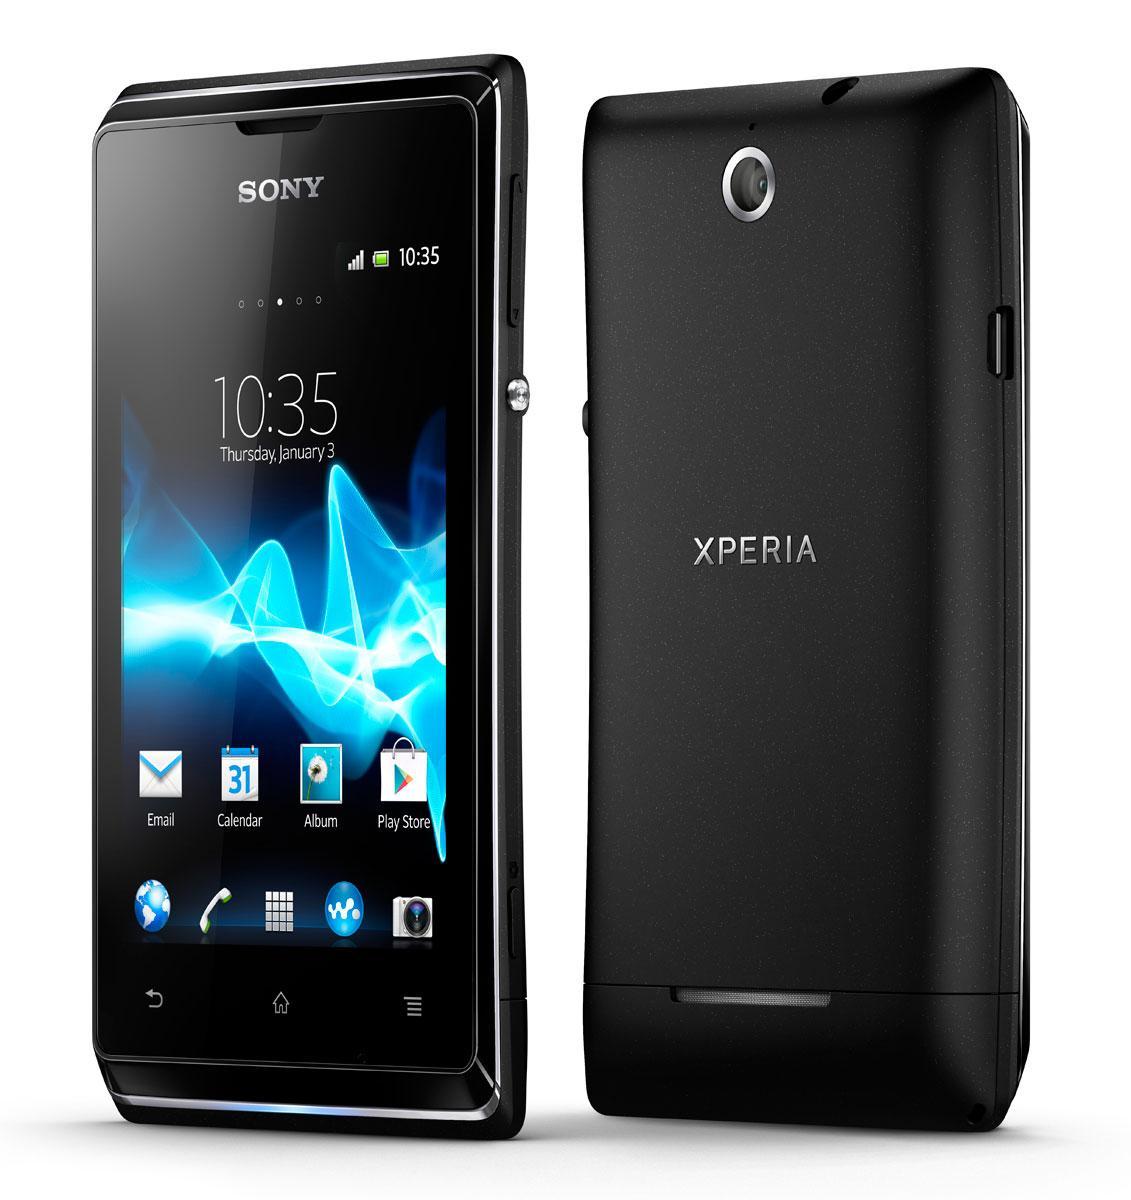 Sony Xperia E vista frontal y trasera en color negro